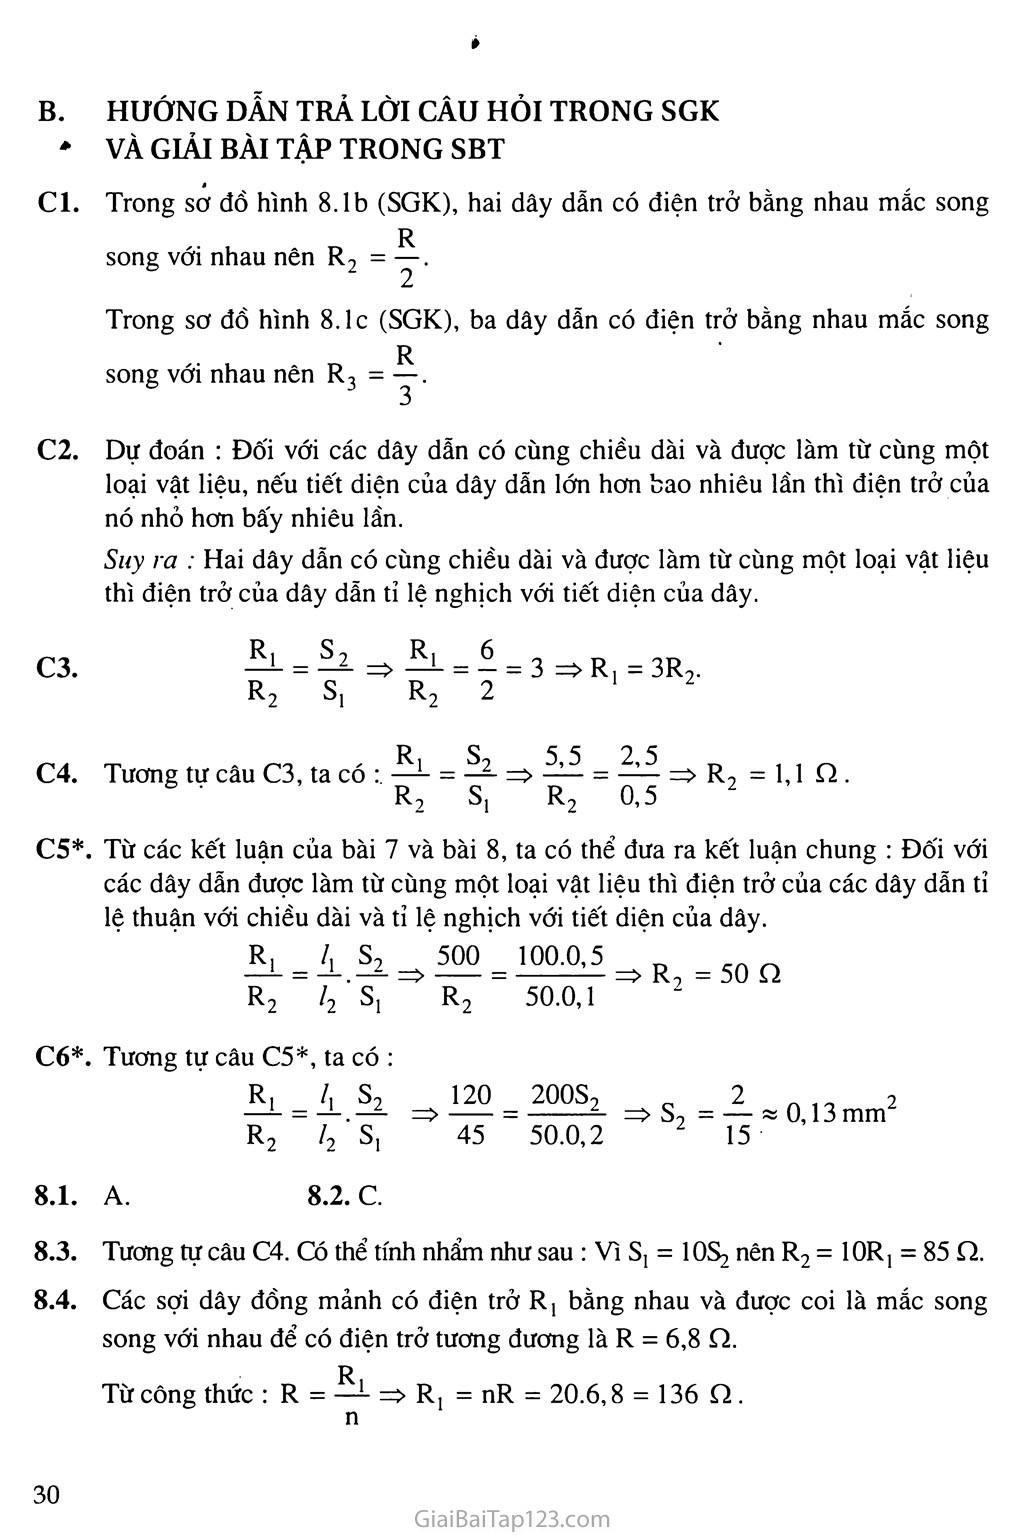 Bài 8: Sự phụ thuộc của điện trở vào tiết diện dây dẫn trang 2